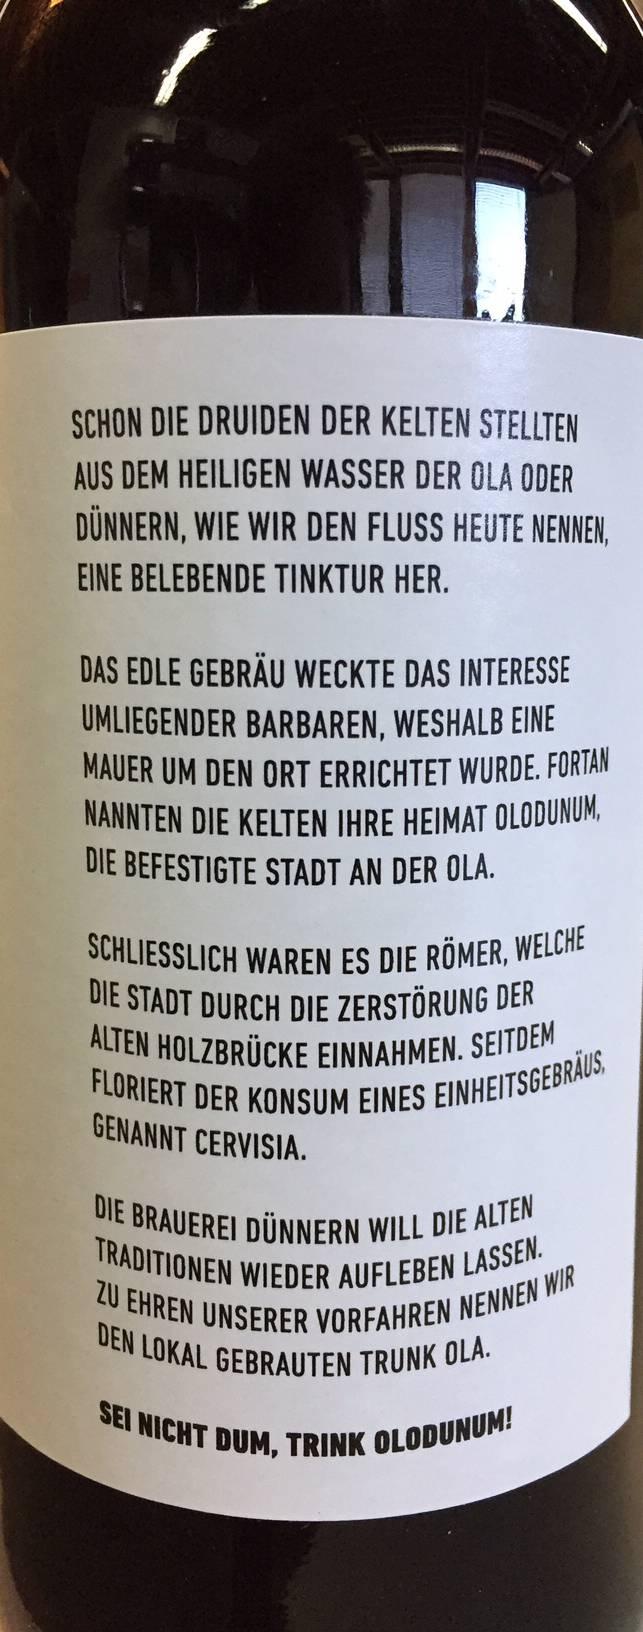 Historische Spurensuche auf dem Flaschenhals bei Ola.